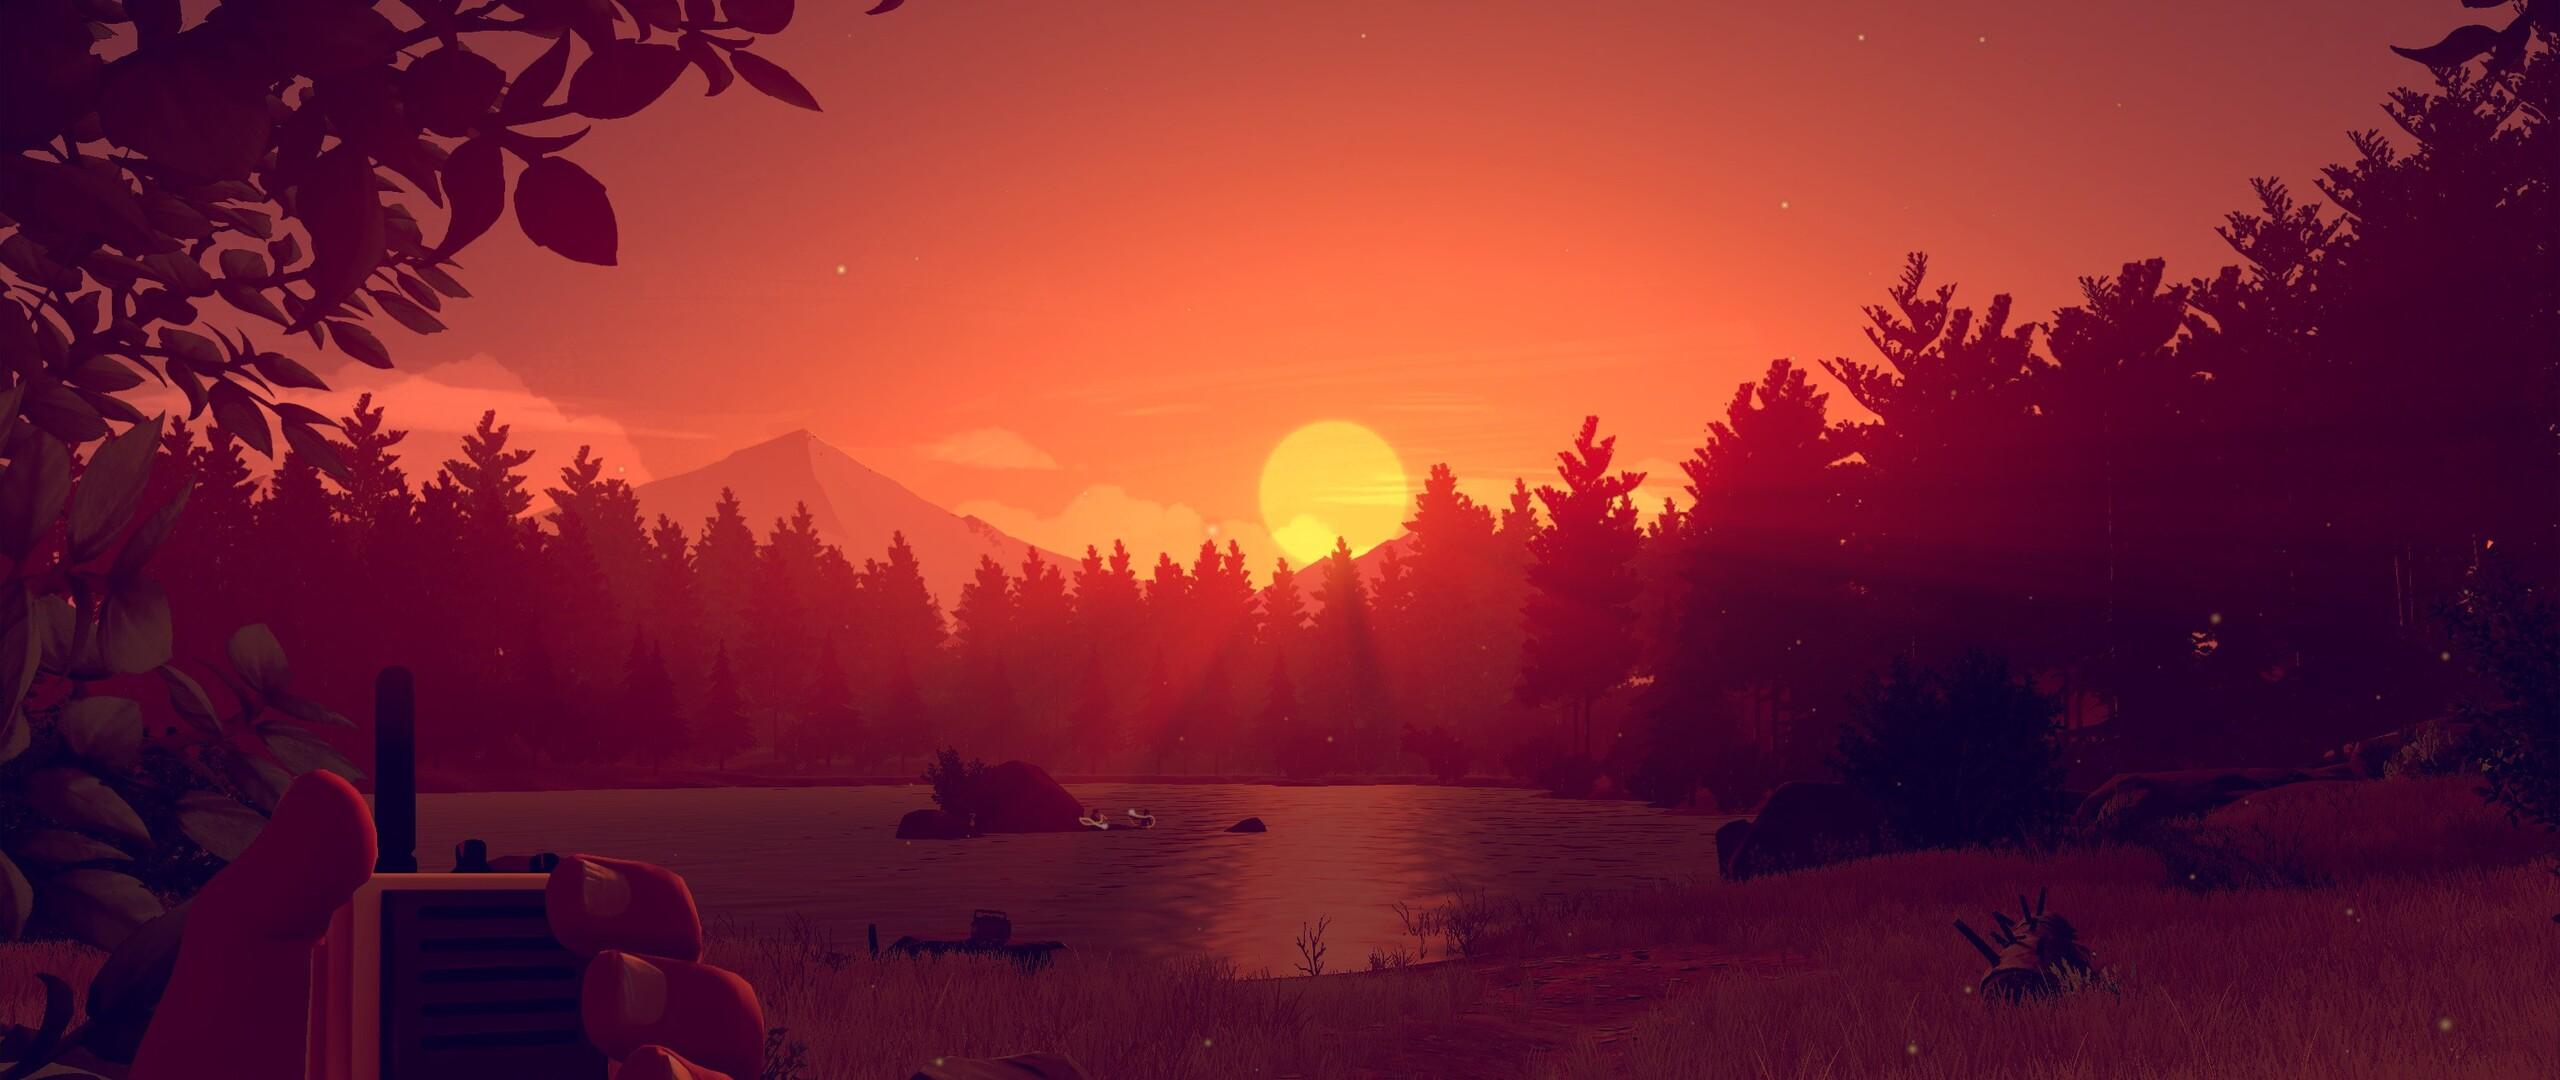 Firewatch Game Sunset Wallpaper